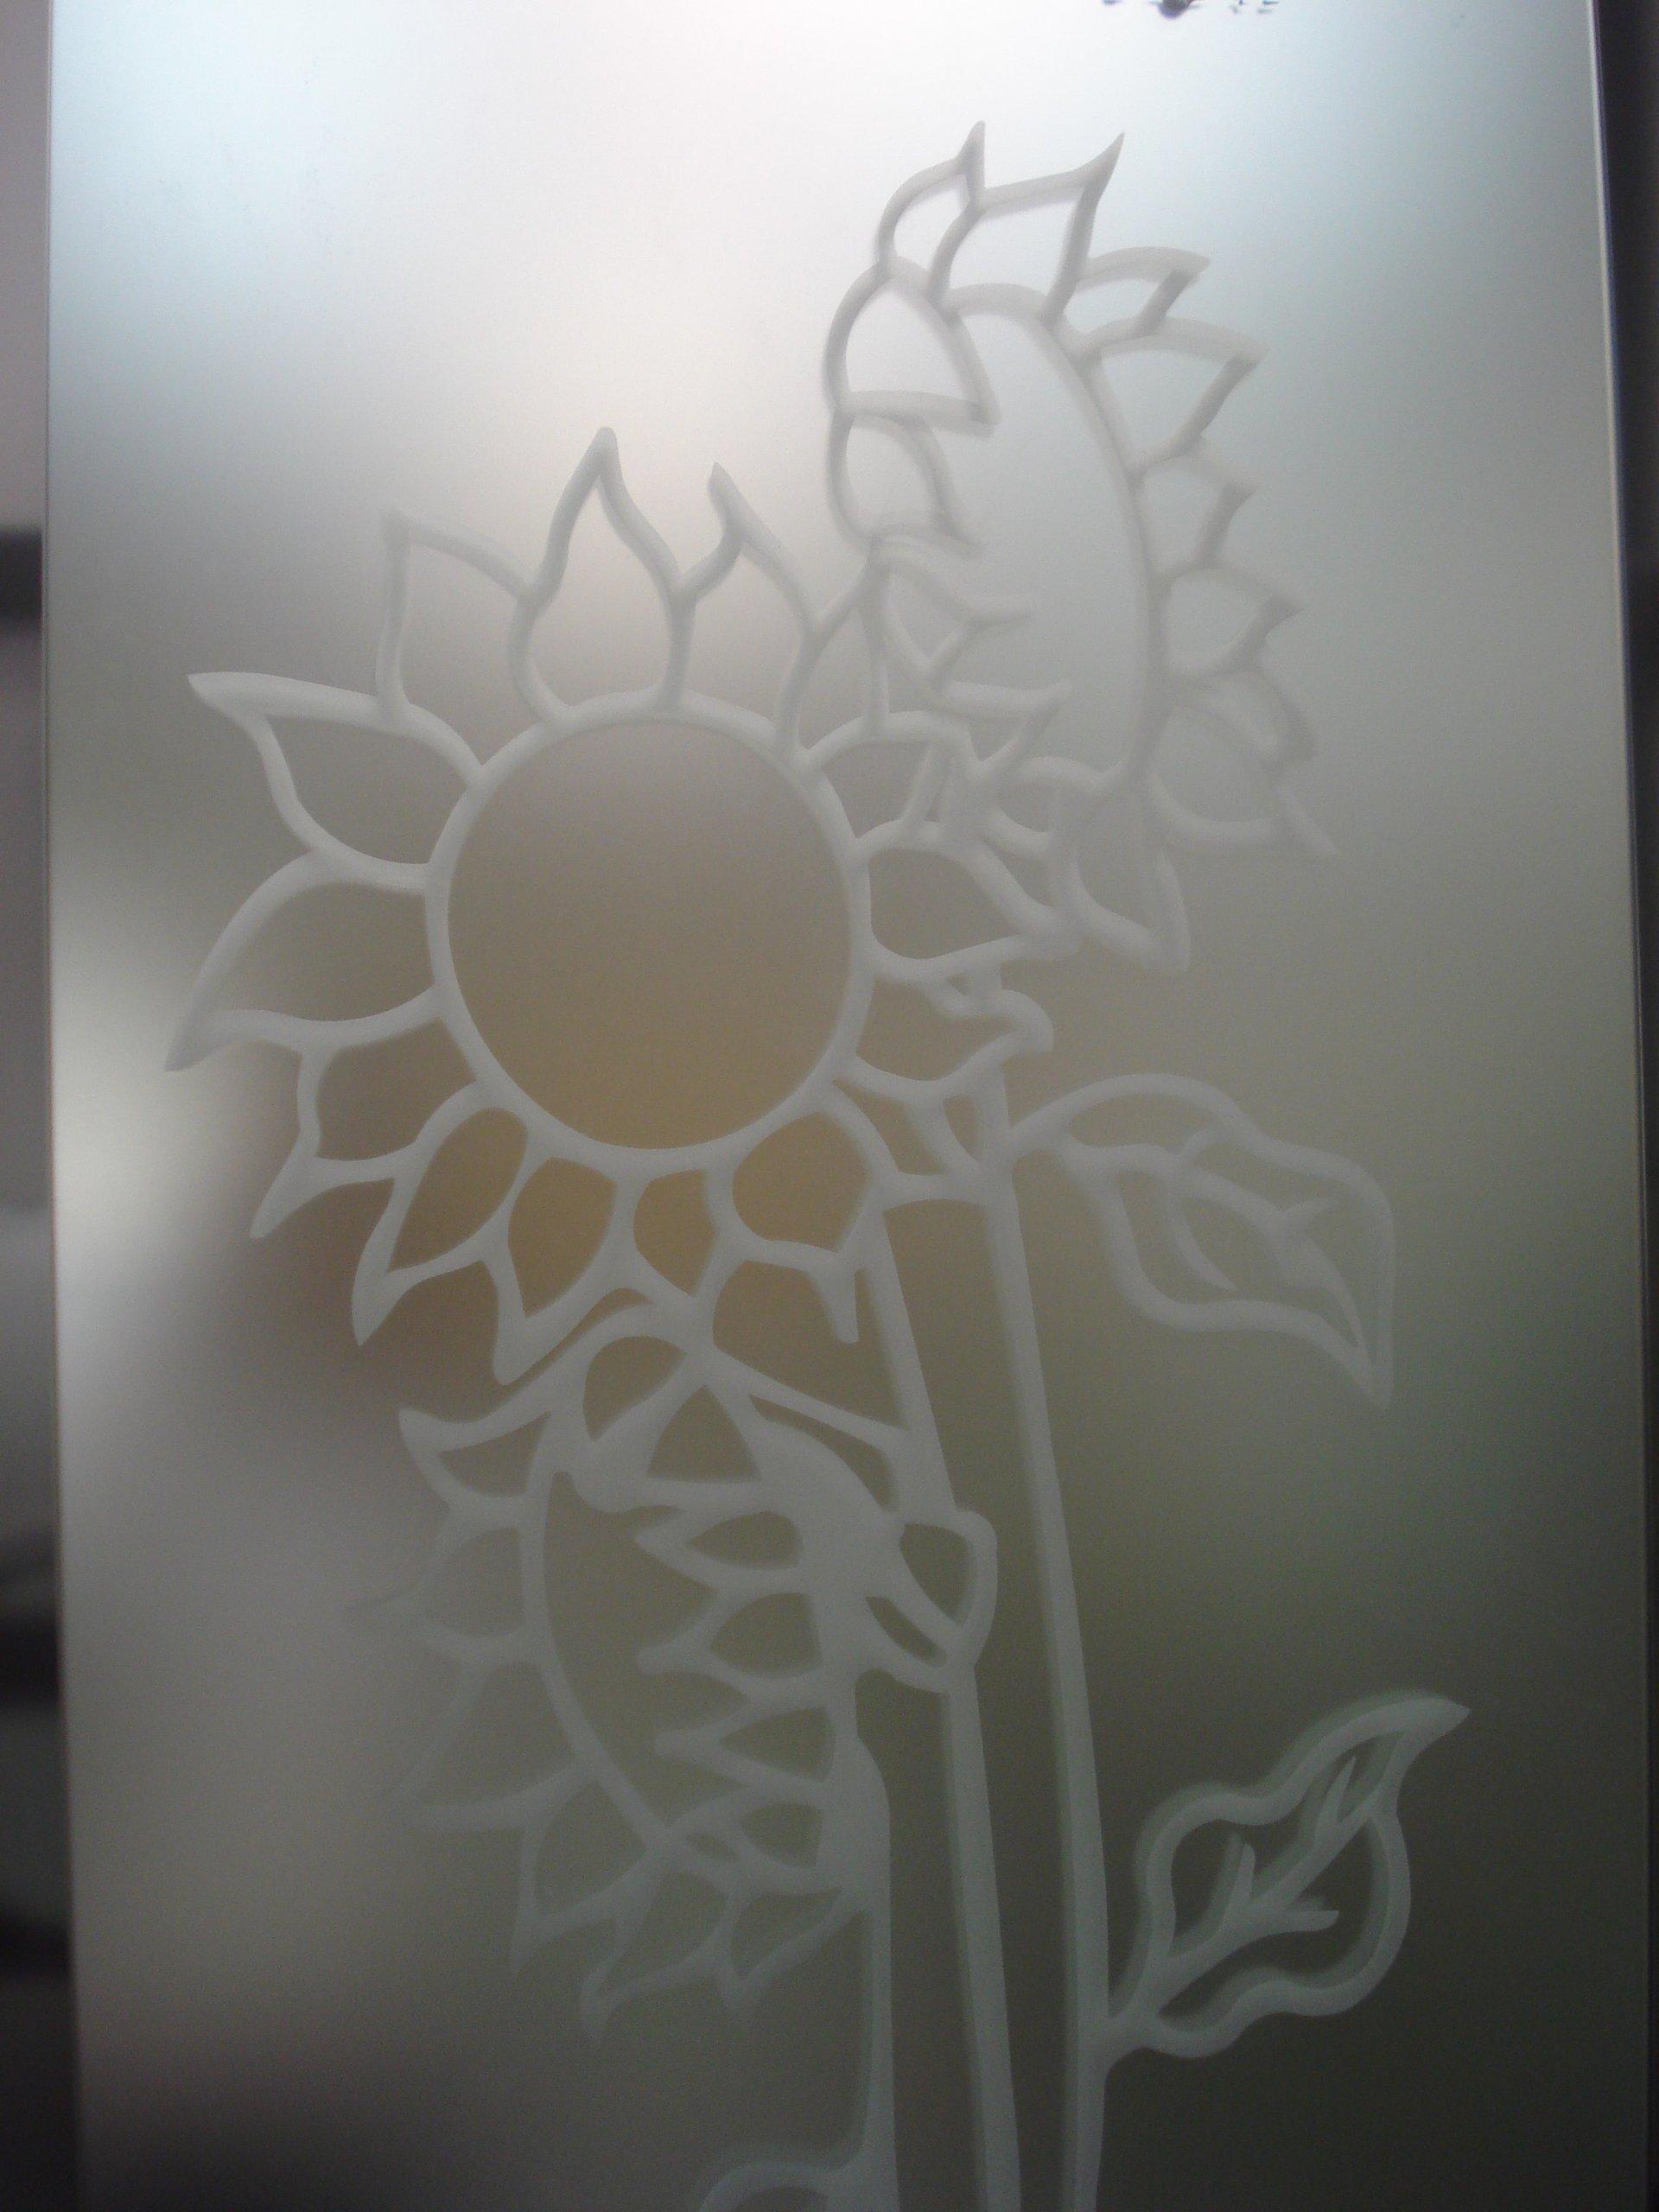 girasole disegnato su vetro di una doccia